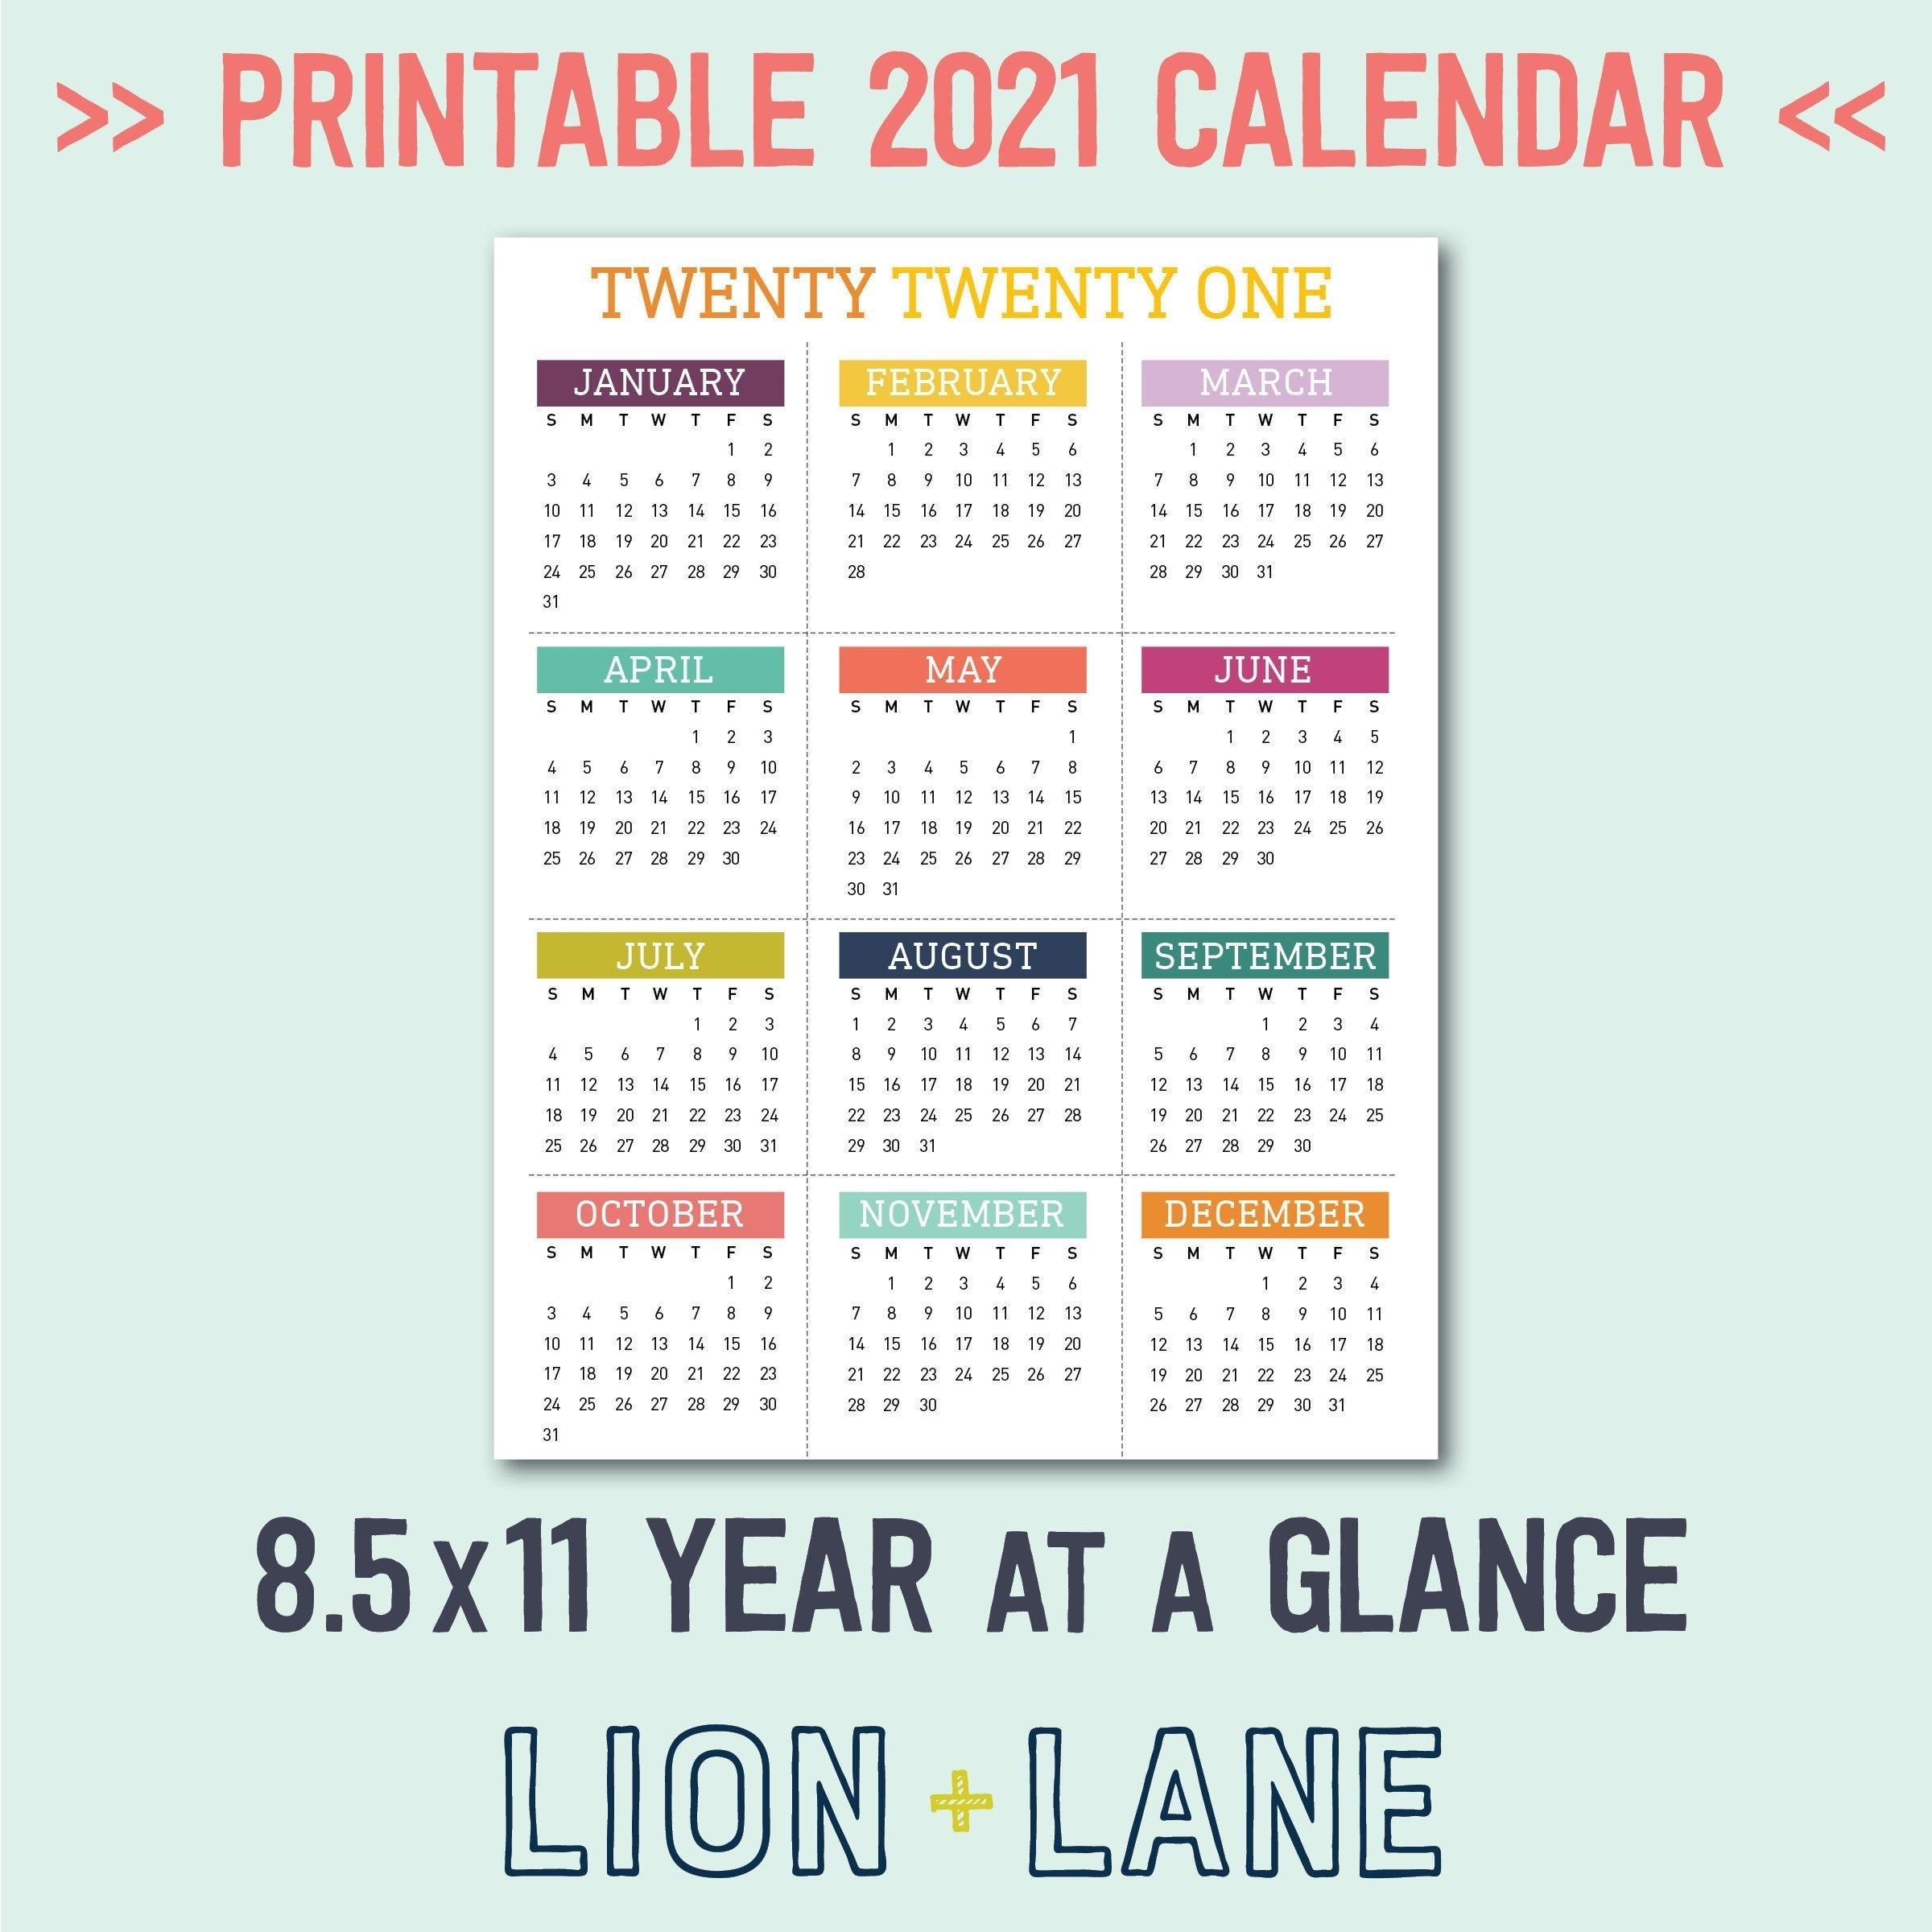 Take Printable National Day Calendar 2021